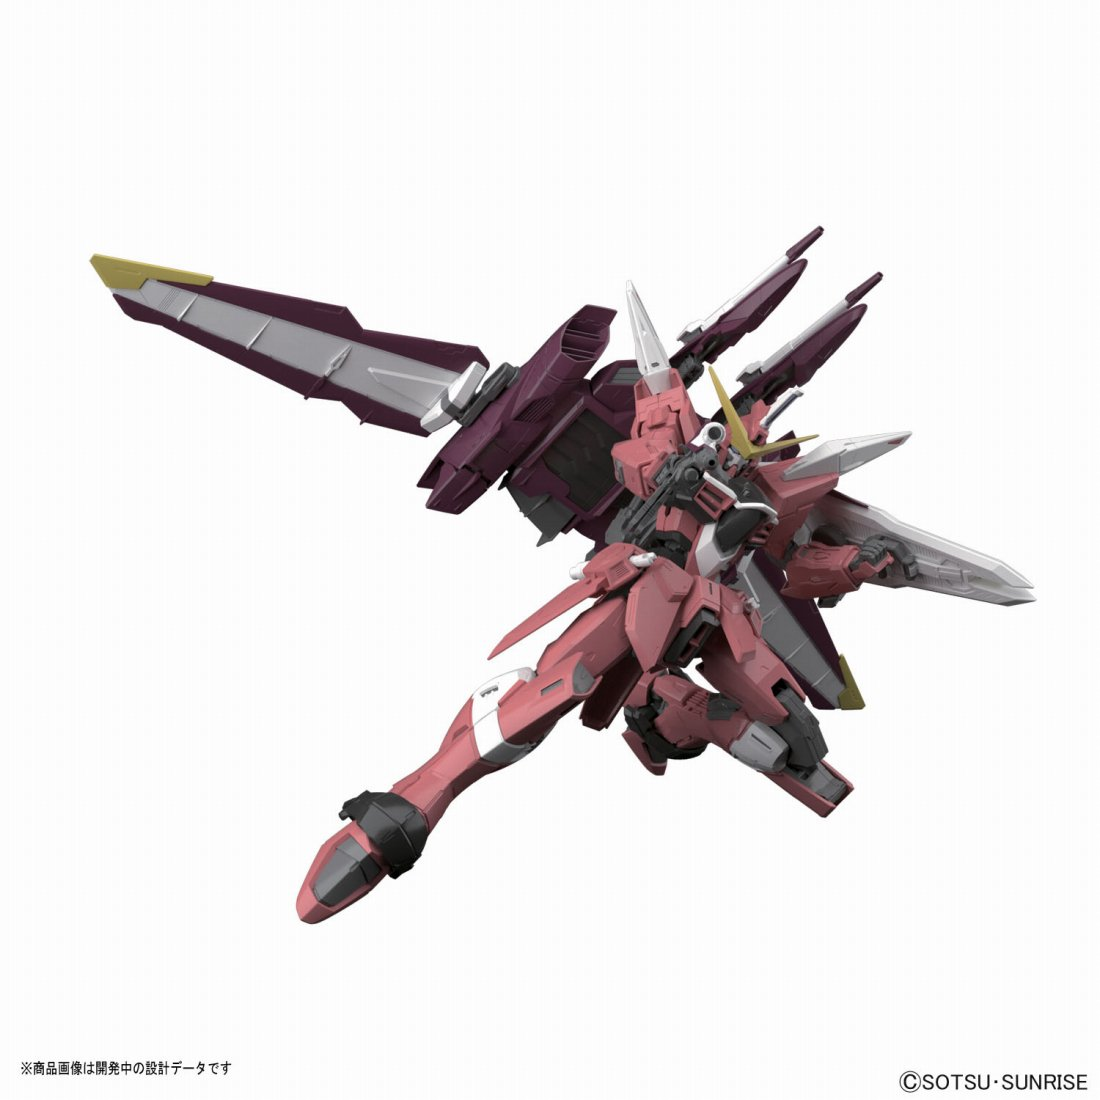 ZGMF-X09A ジャスティスガンダム [Justice Gundam]